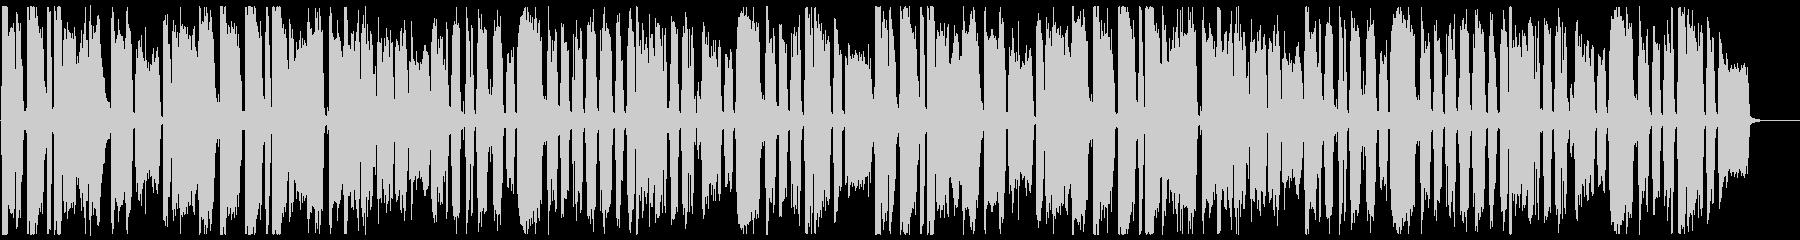 ジングルベル/クリスマス/サックス版の未再生の波形